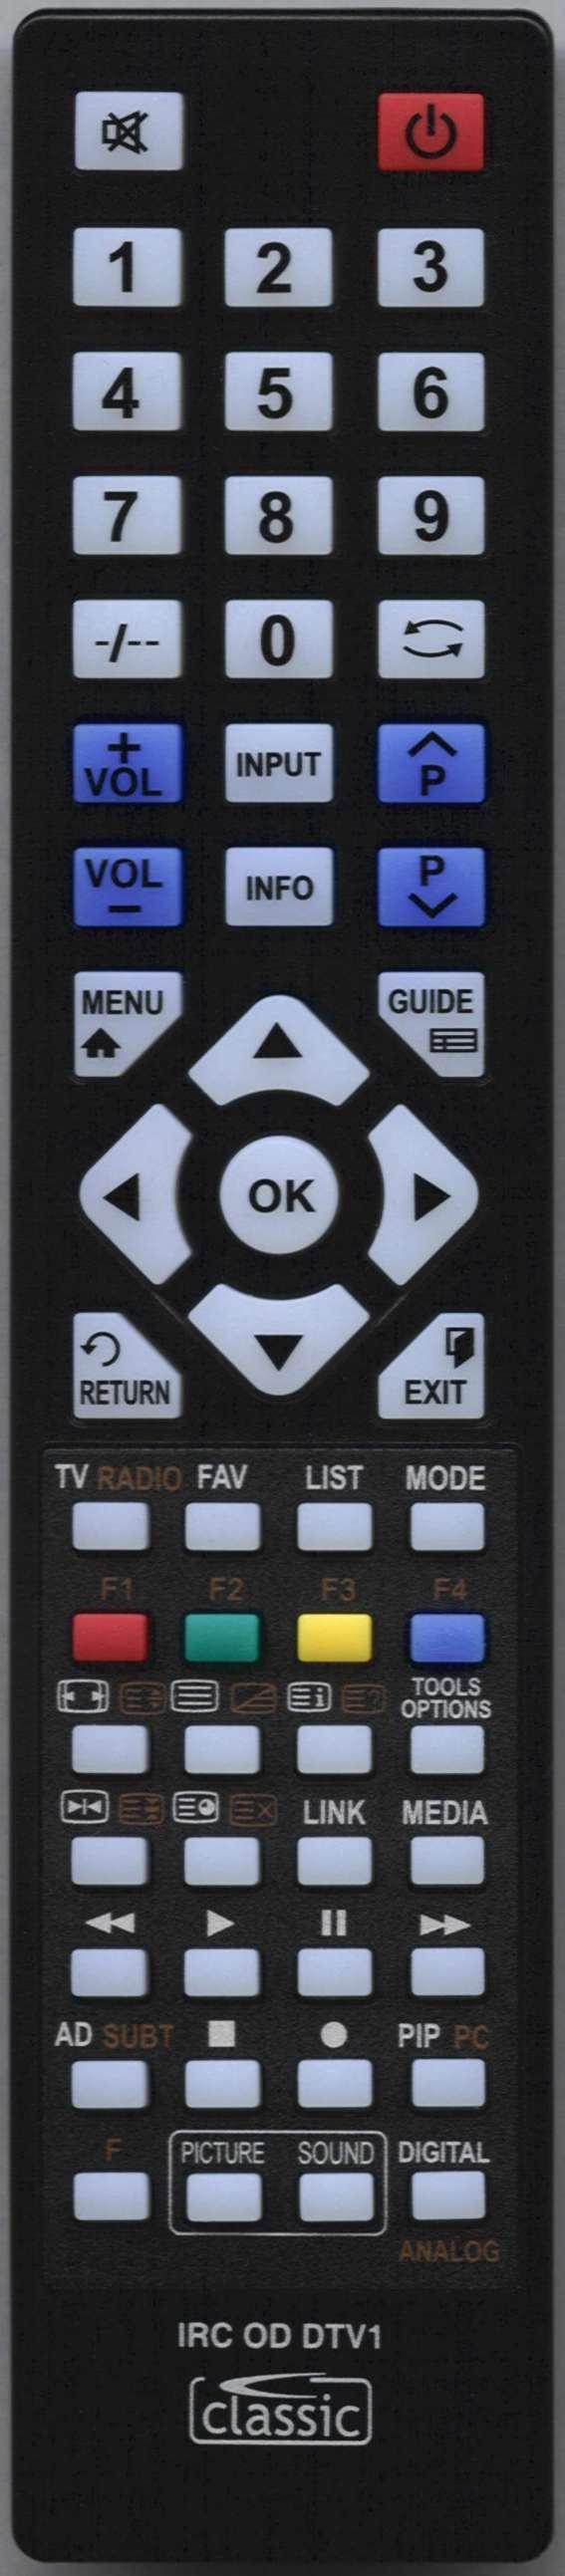 POLAROID LE-19GBR-B+DVD Remote Control